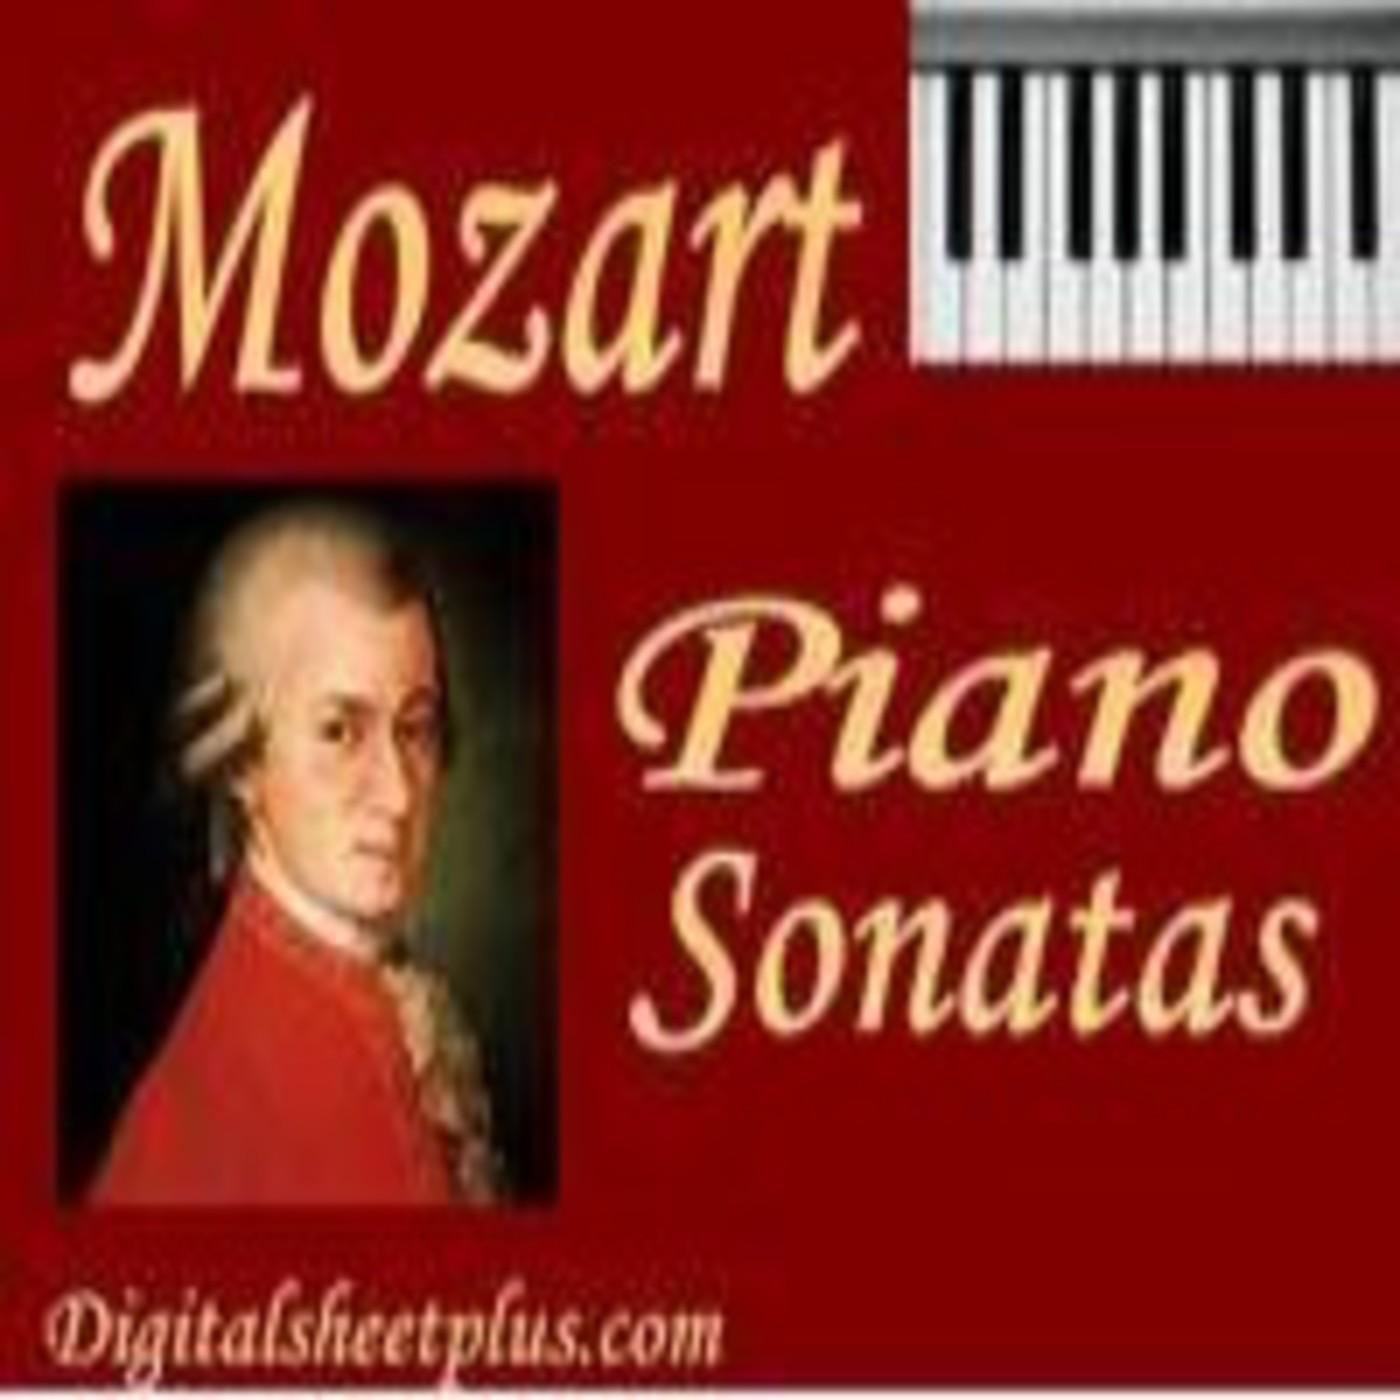 Mozart: Piano Sonatas (Completo)